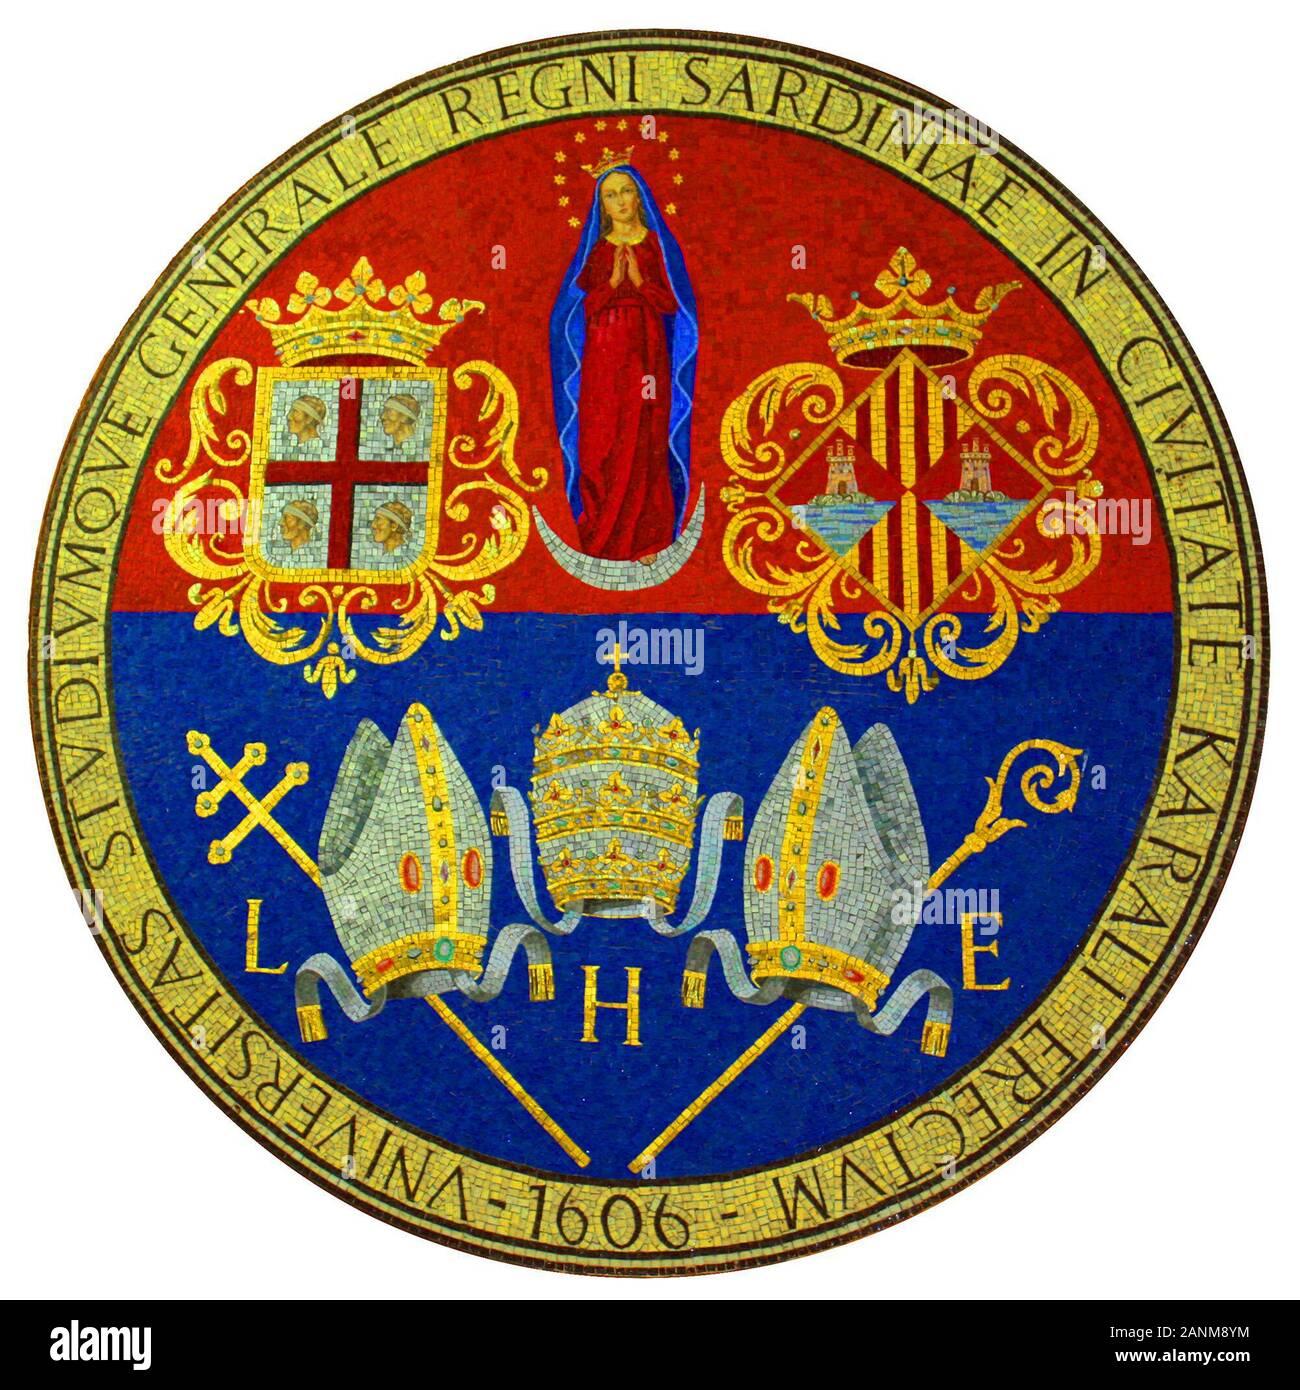 Mosaico dello stemma dell'Università di Cagliari presso ex-clinica Aresu; 4 June 2008, 18:04:07;   unica.it/UserFiles/Image/Grafica/mosaicoaresu2500px300dpi.jpg; Unknown; Stock Photo